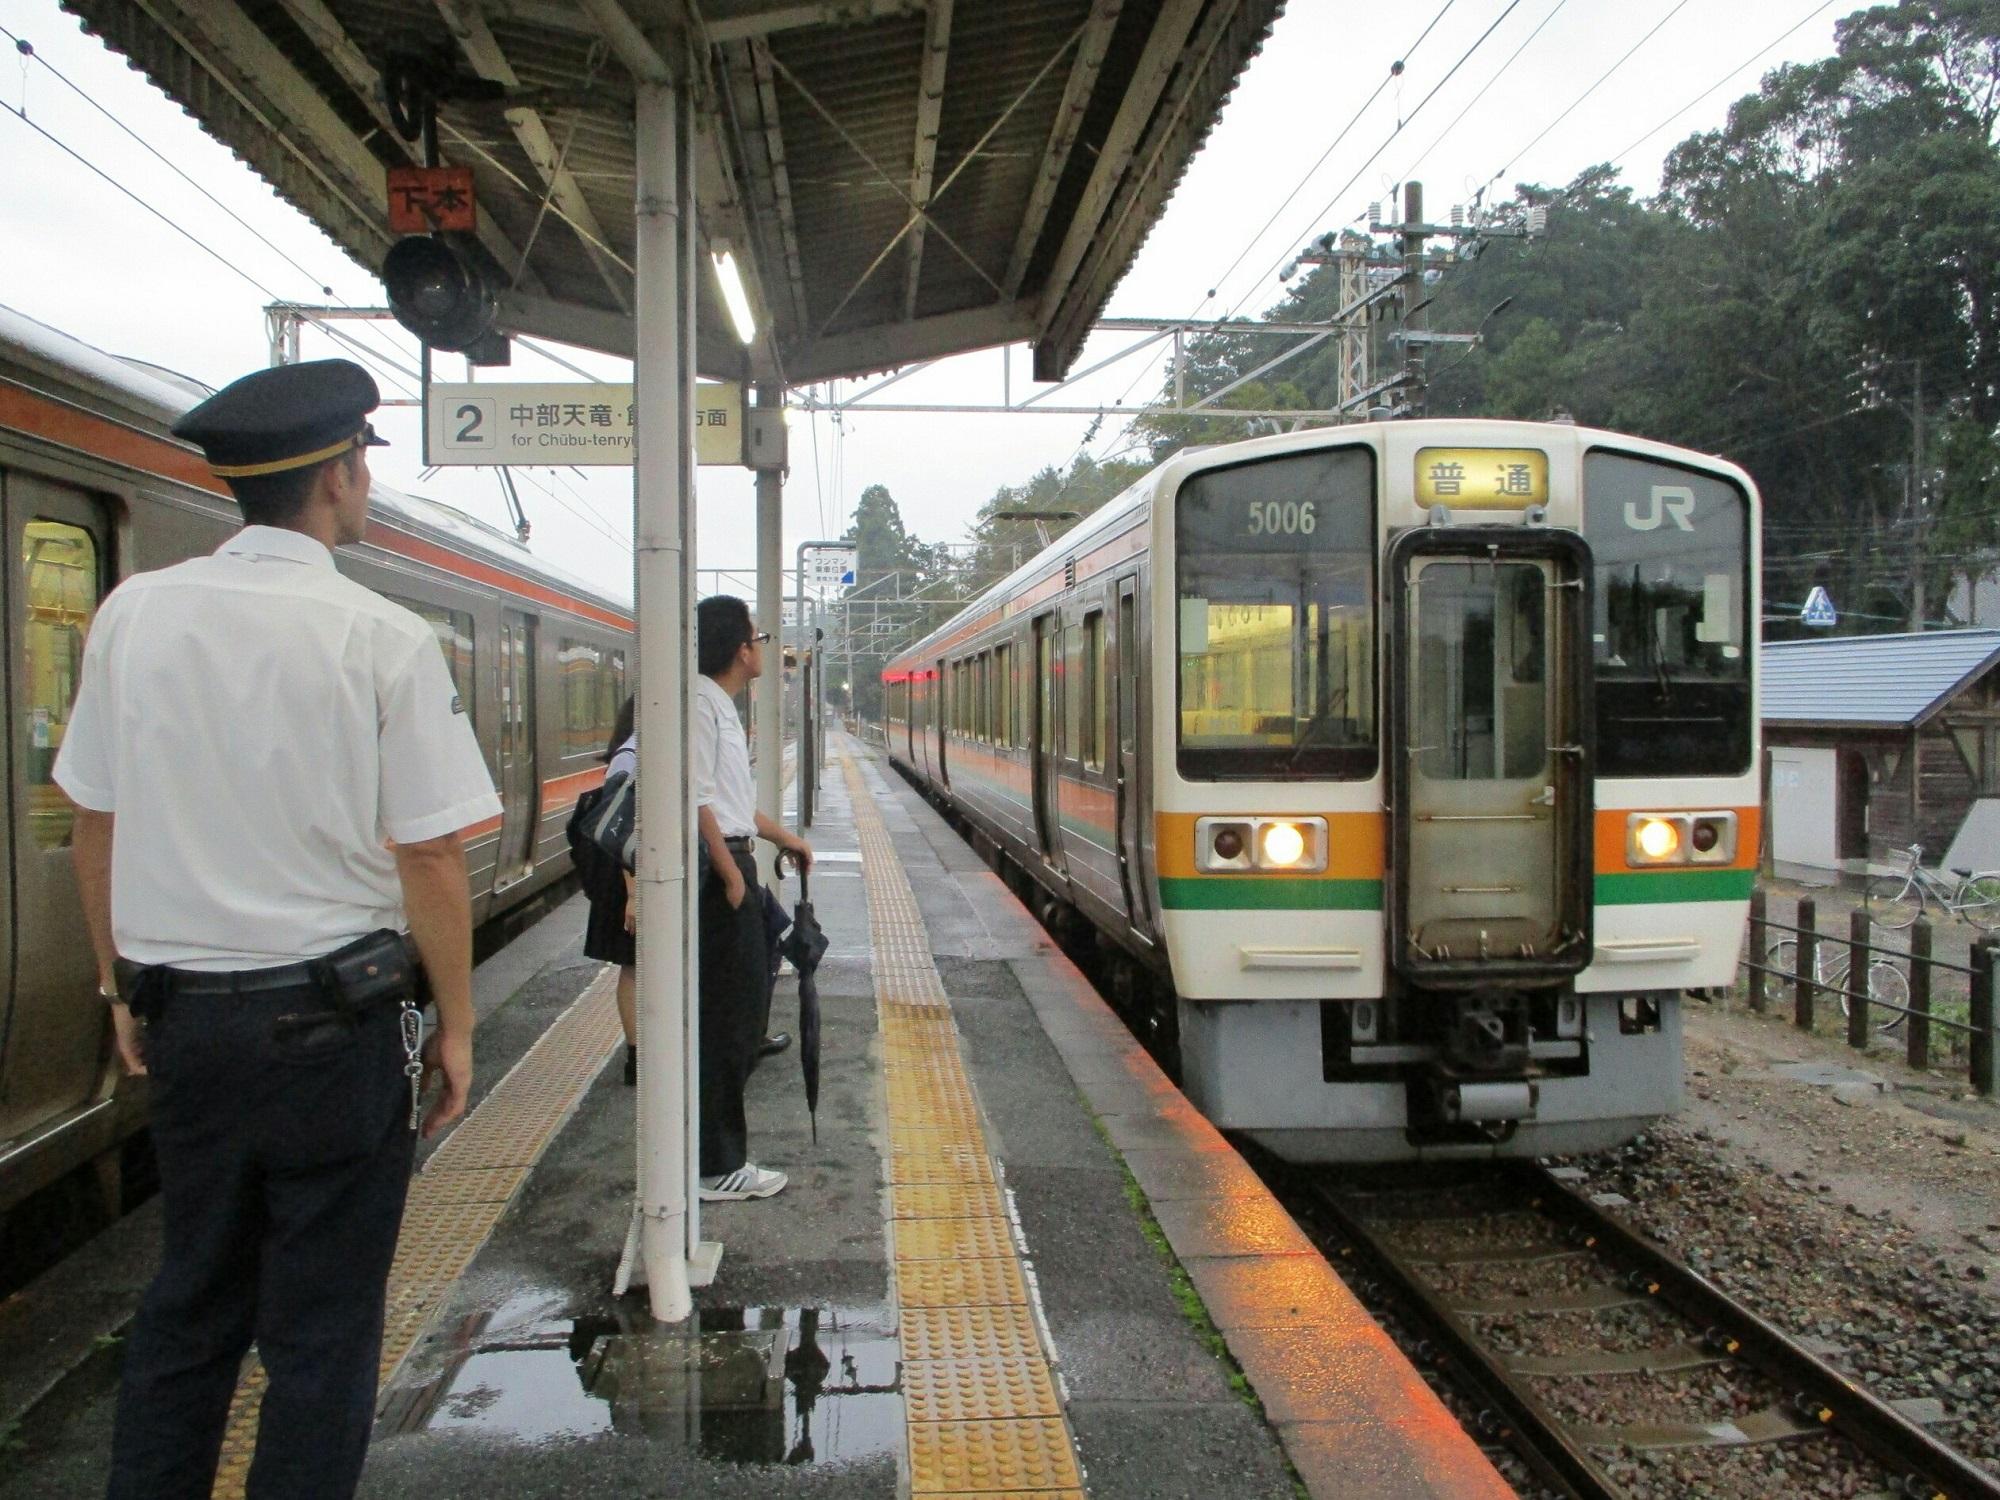 2018.9.20 (122) 三河東郷 - 豊橋いきふつう 2000-1500